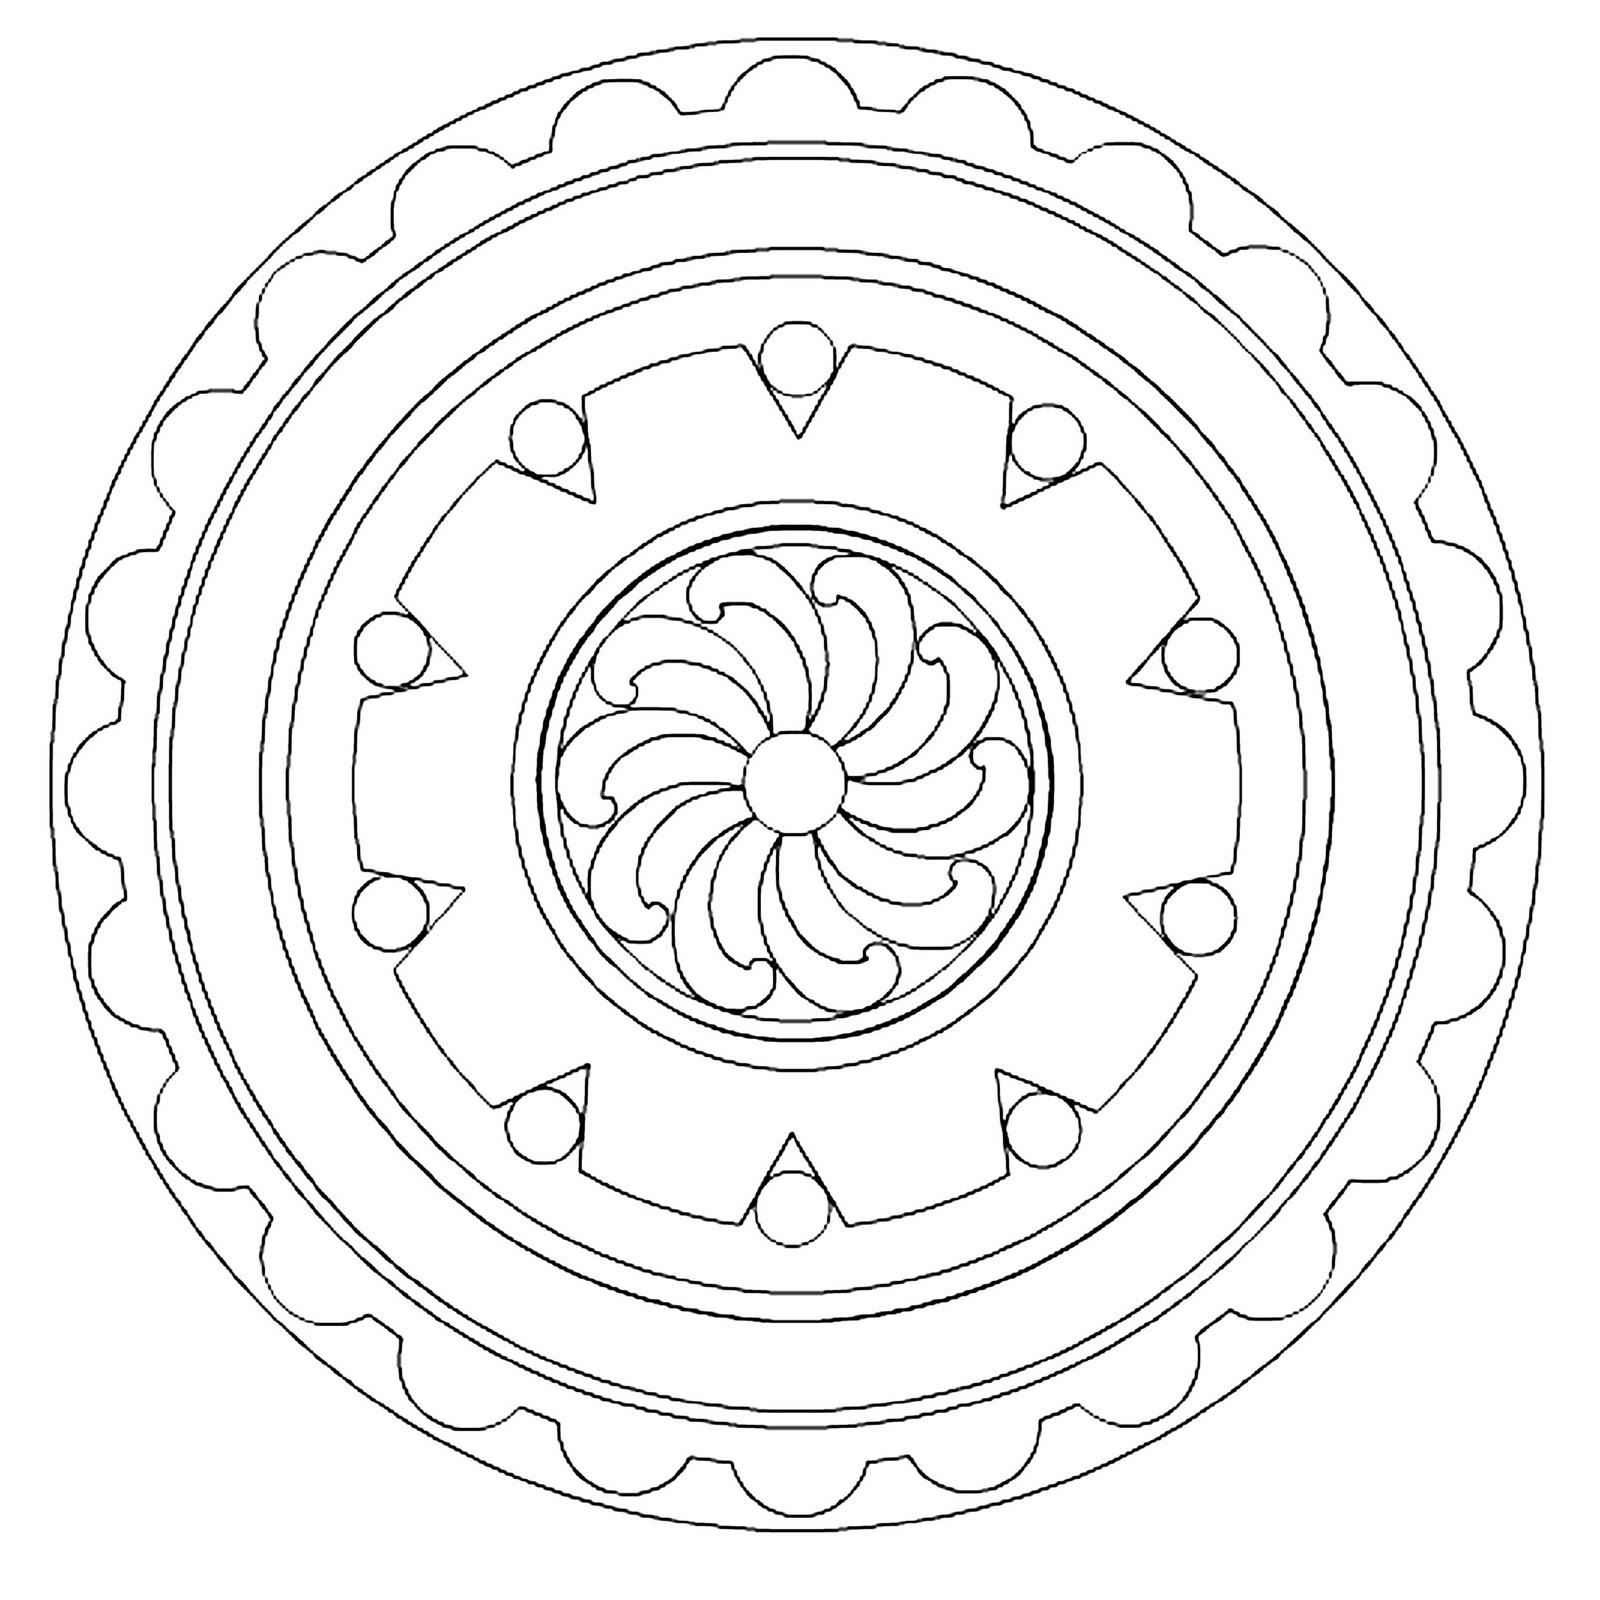 Mandalas: Circles of Hope & Healing